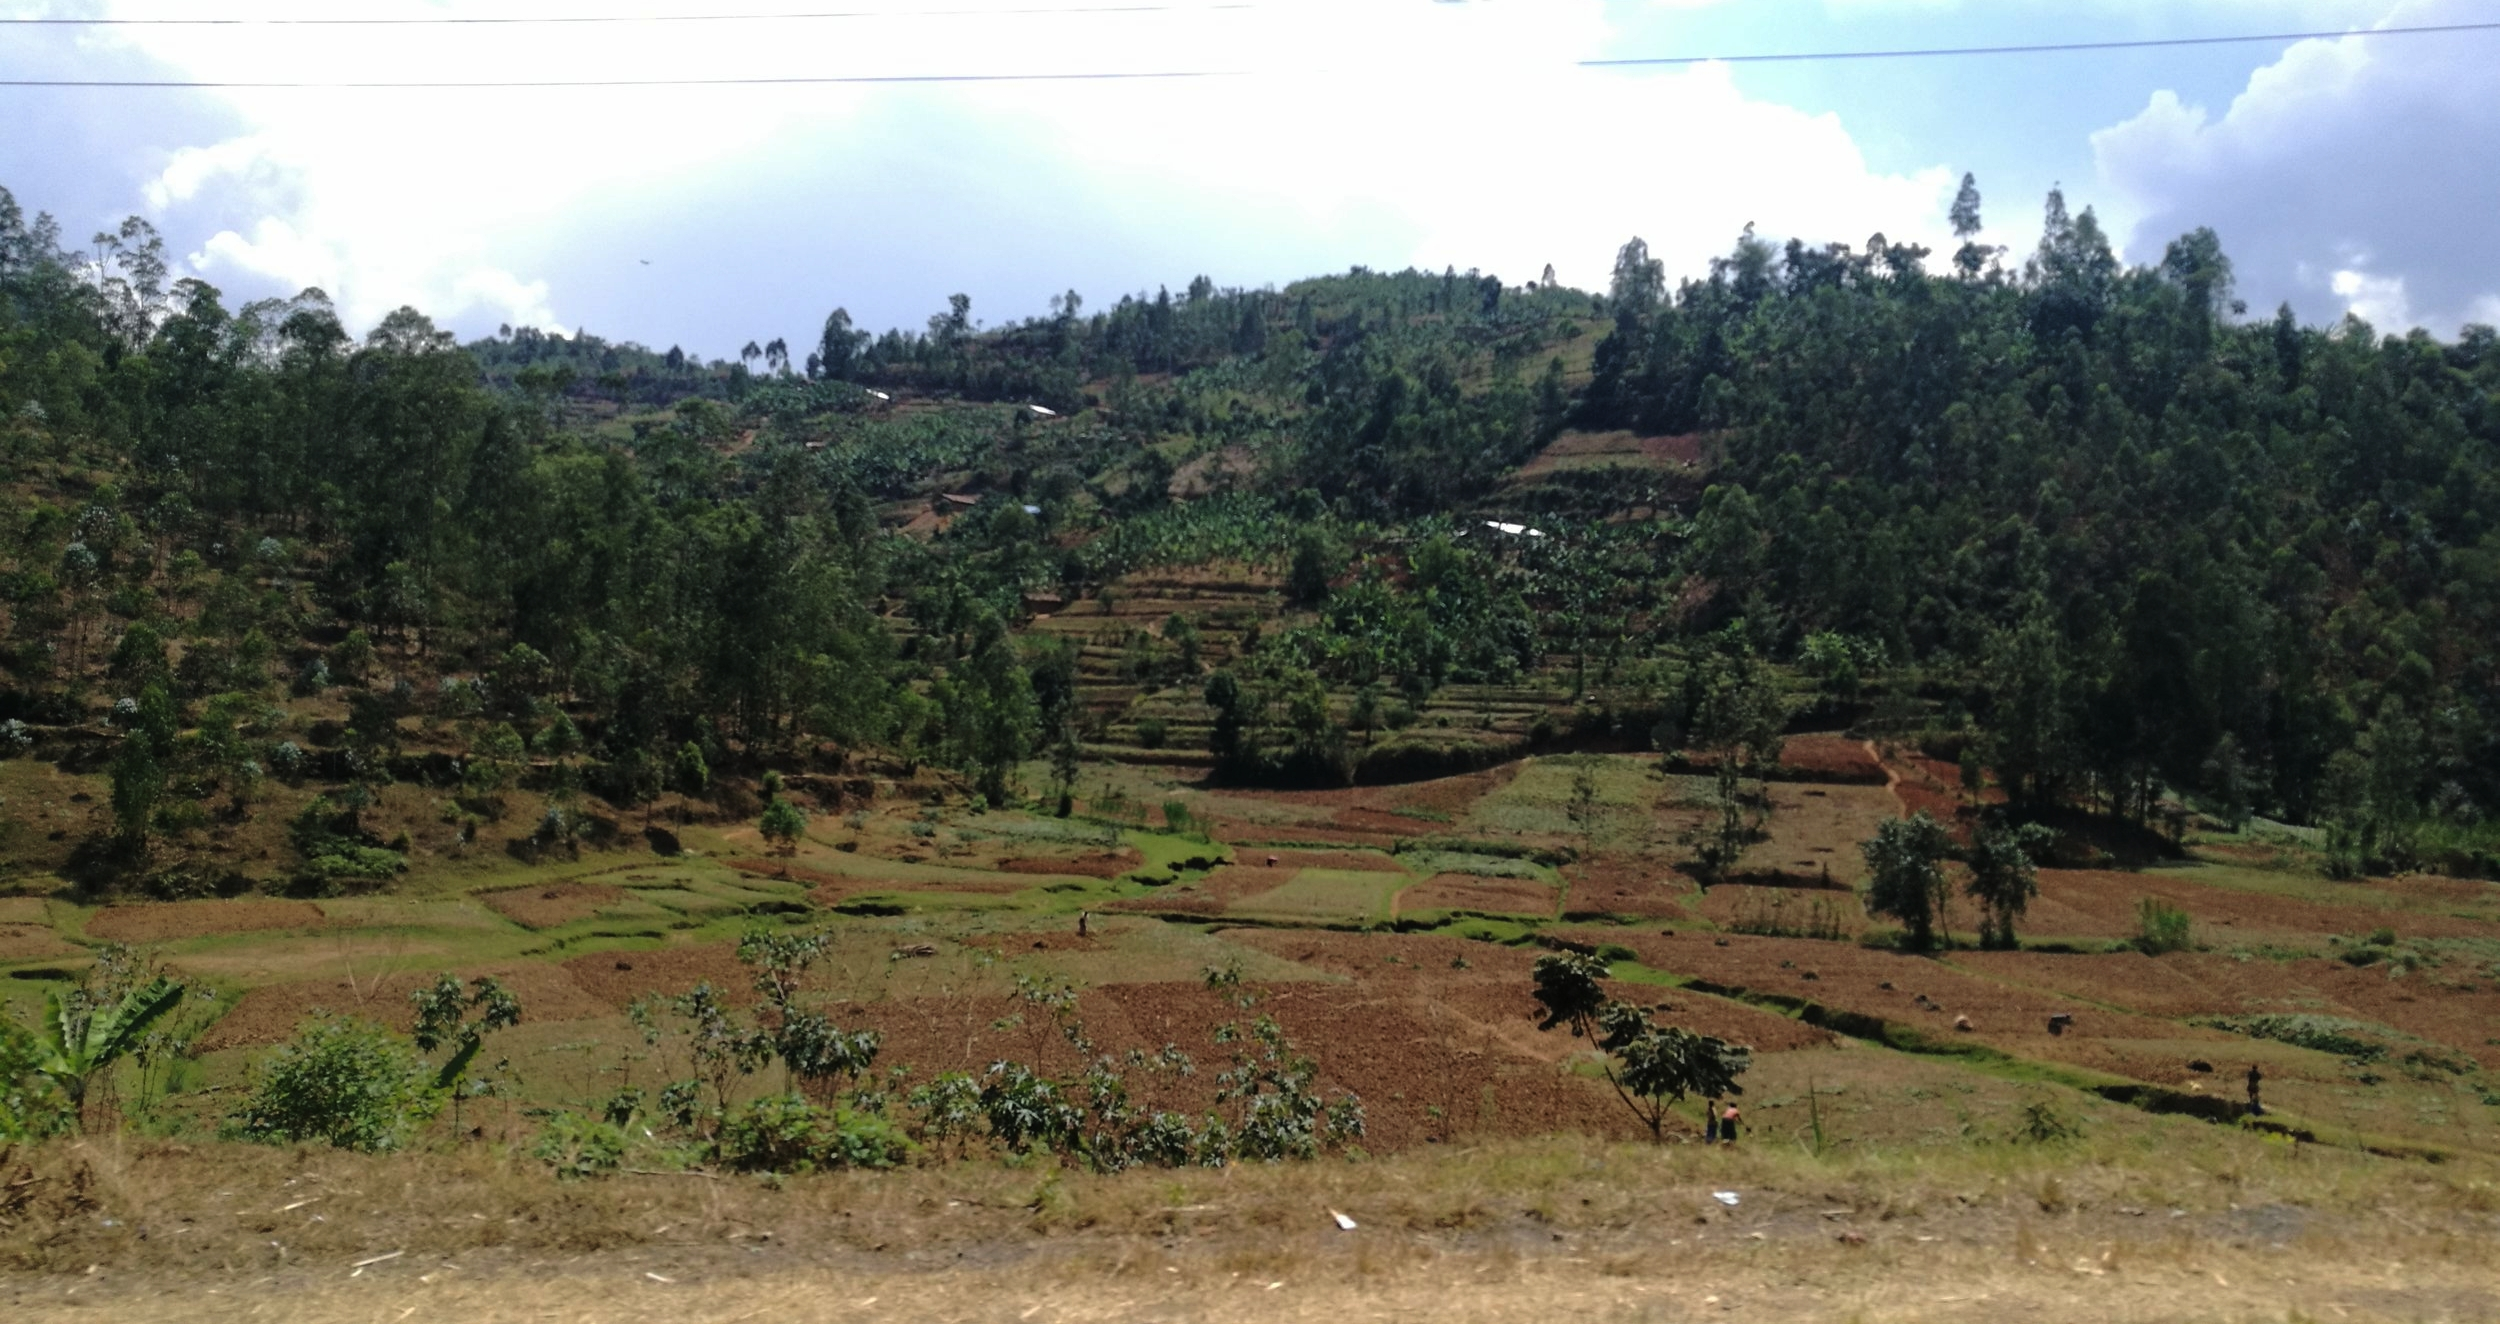 Somewhere between Kigali & Gisenyi